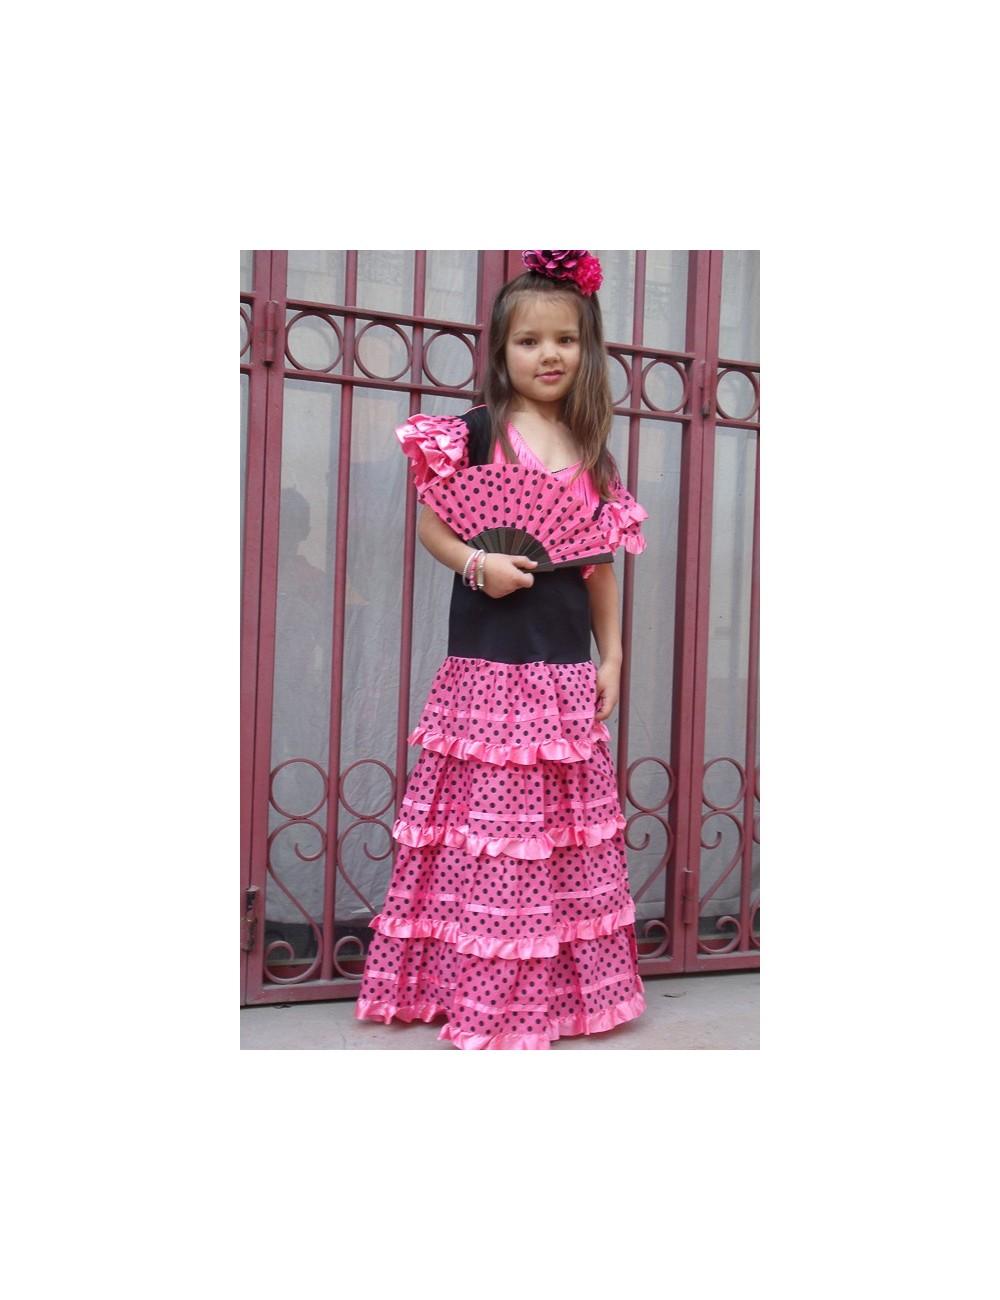 Déguisement robe enfant flamenco rose pois noirs